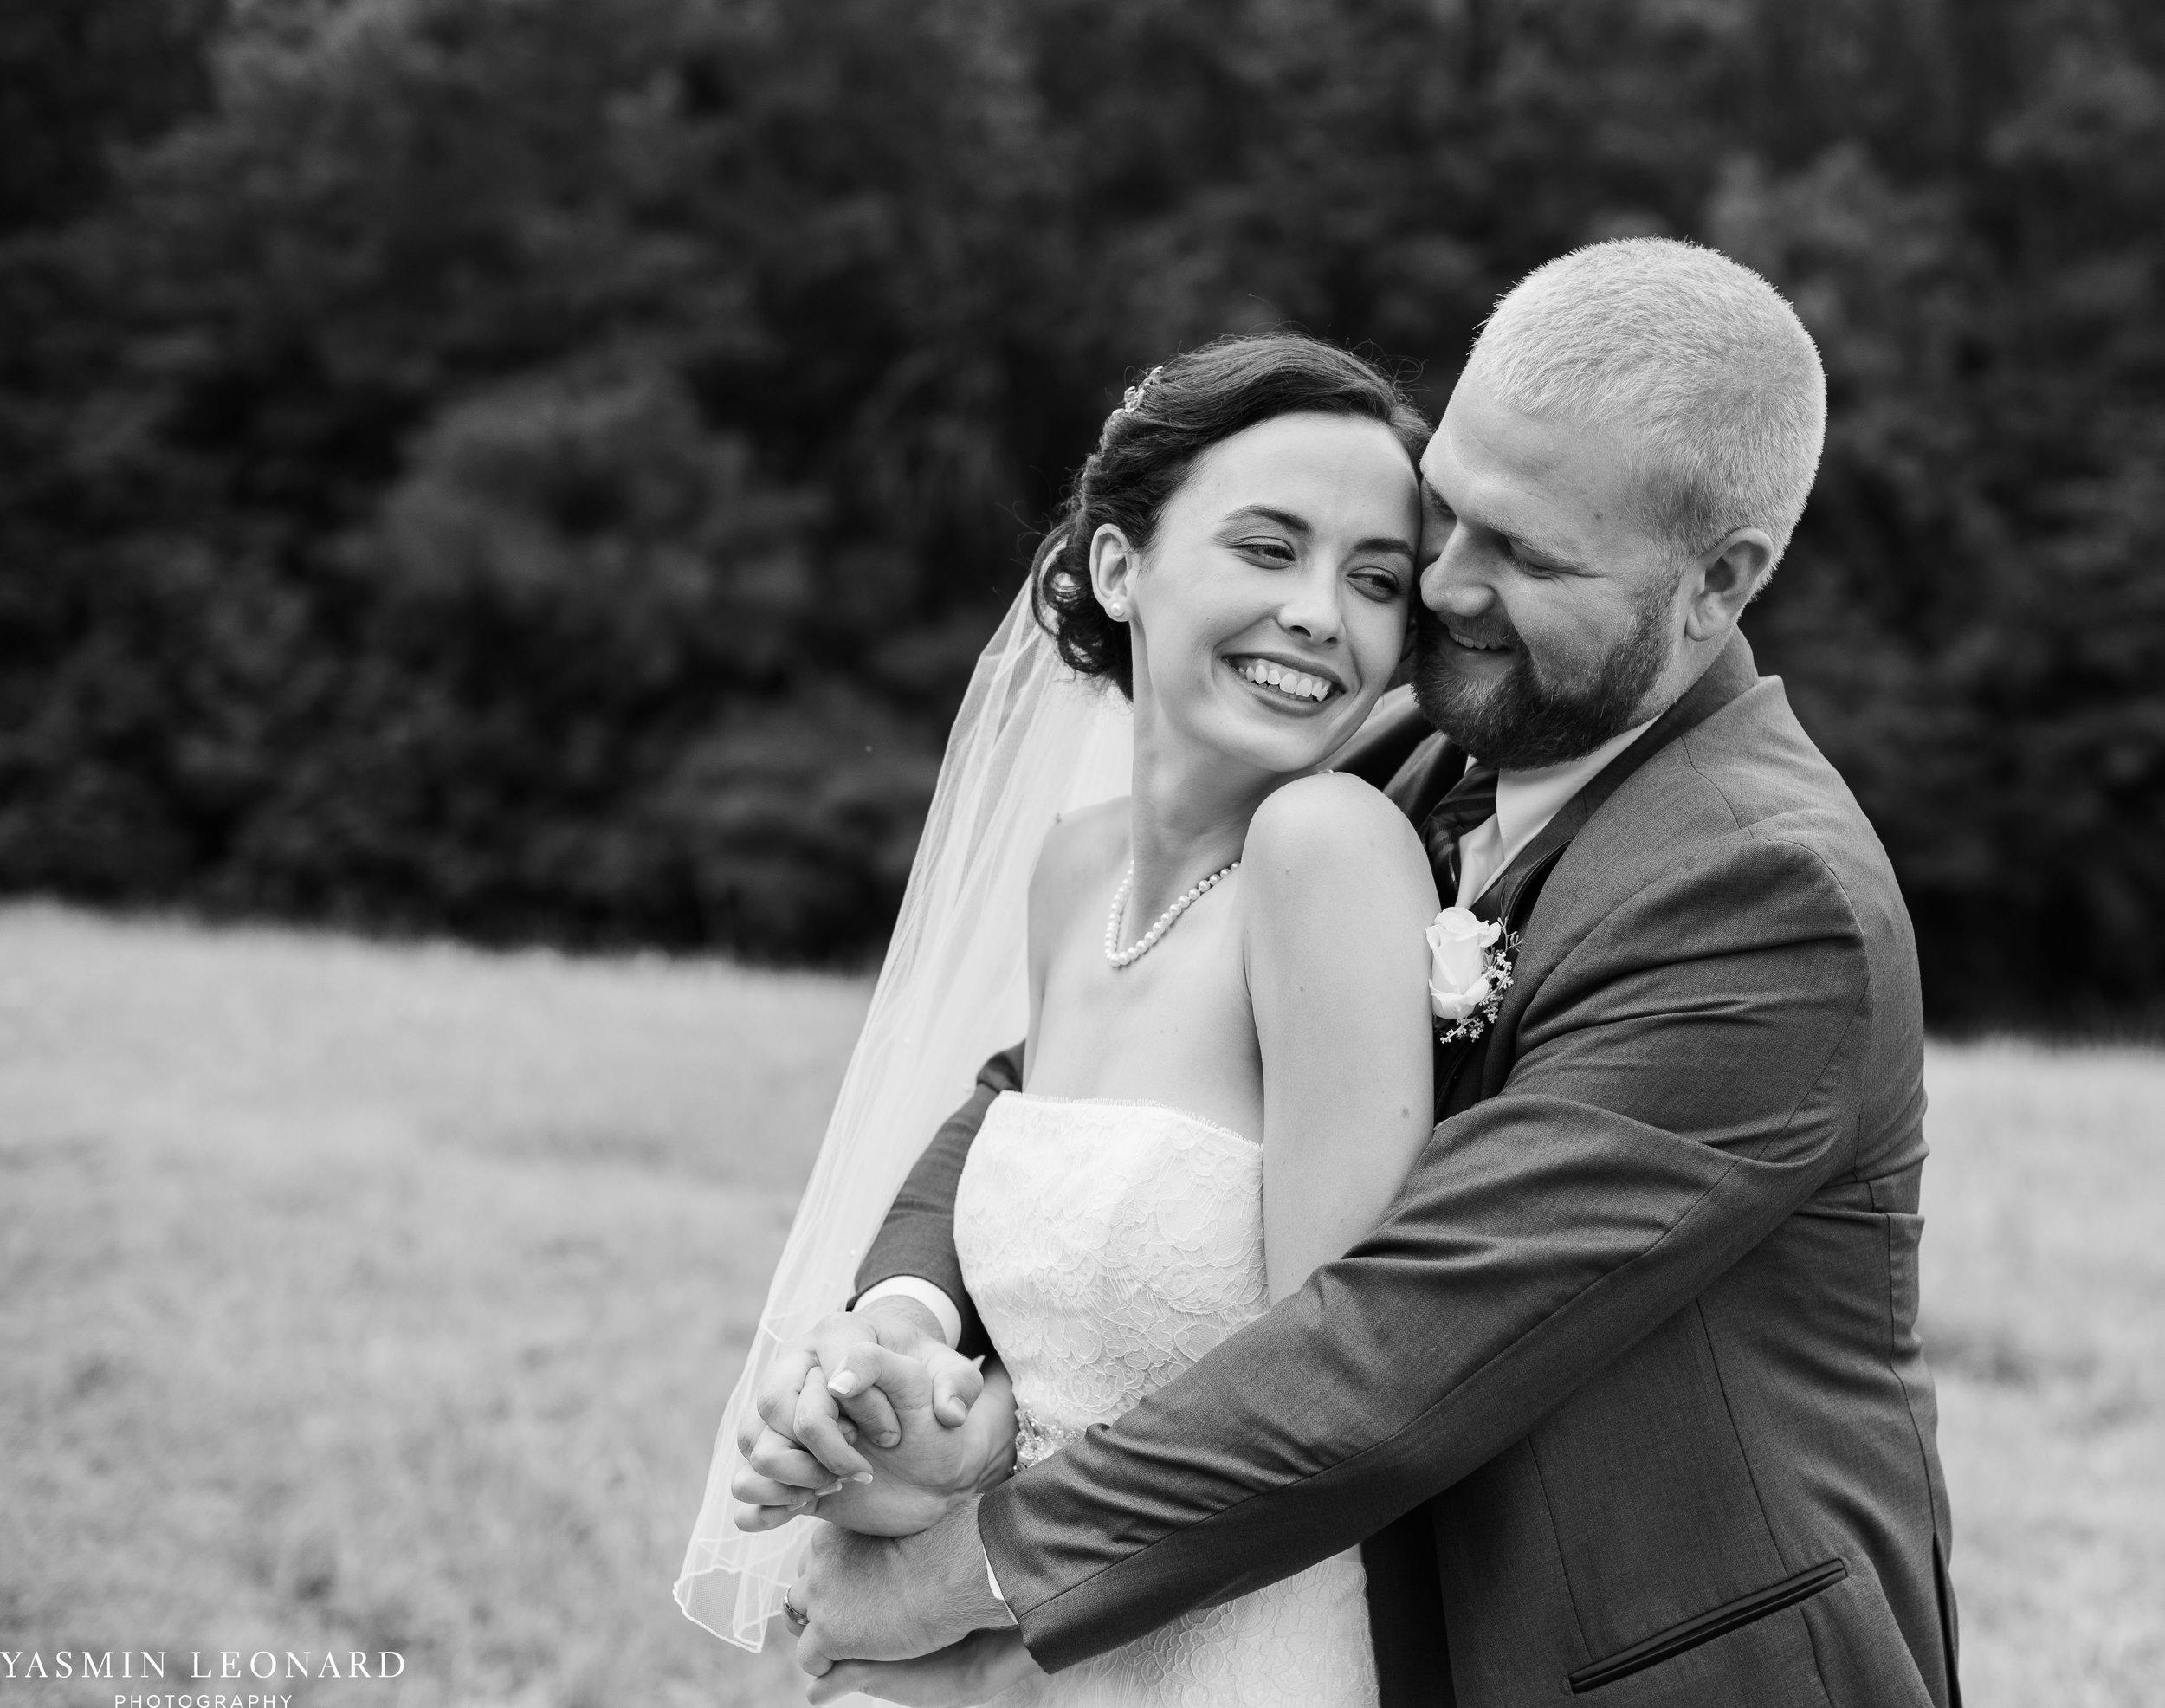 Mt. Pleasant Church - Church Wedding - Traditional Wedding - Church Ceremony - Country Wedding - Godly Wedding - NC Wedding Photographer - High Point Weddings - Triad Weddings - NC Venues-34.jpg